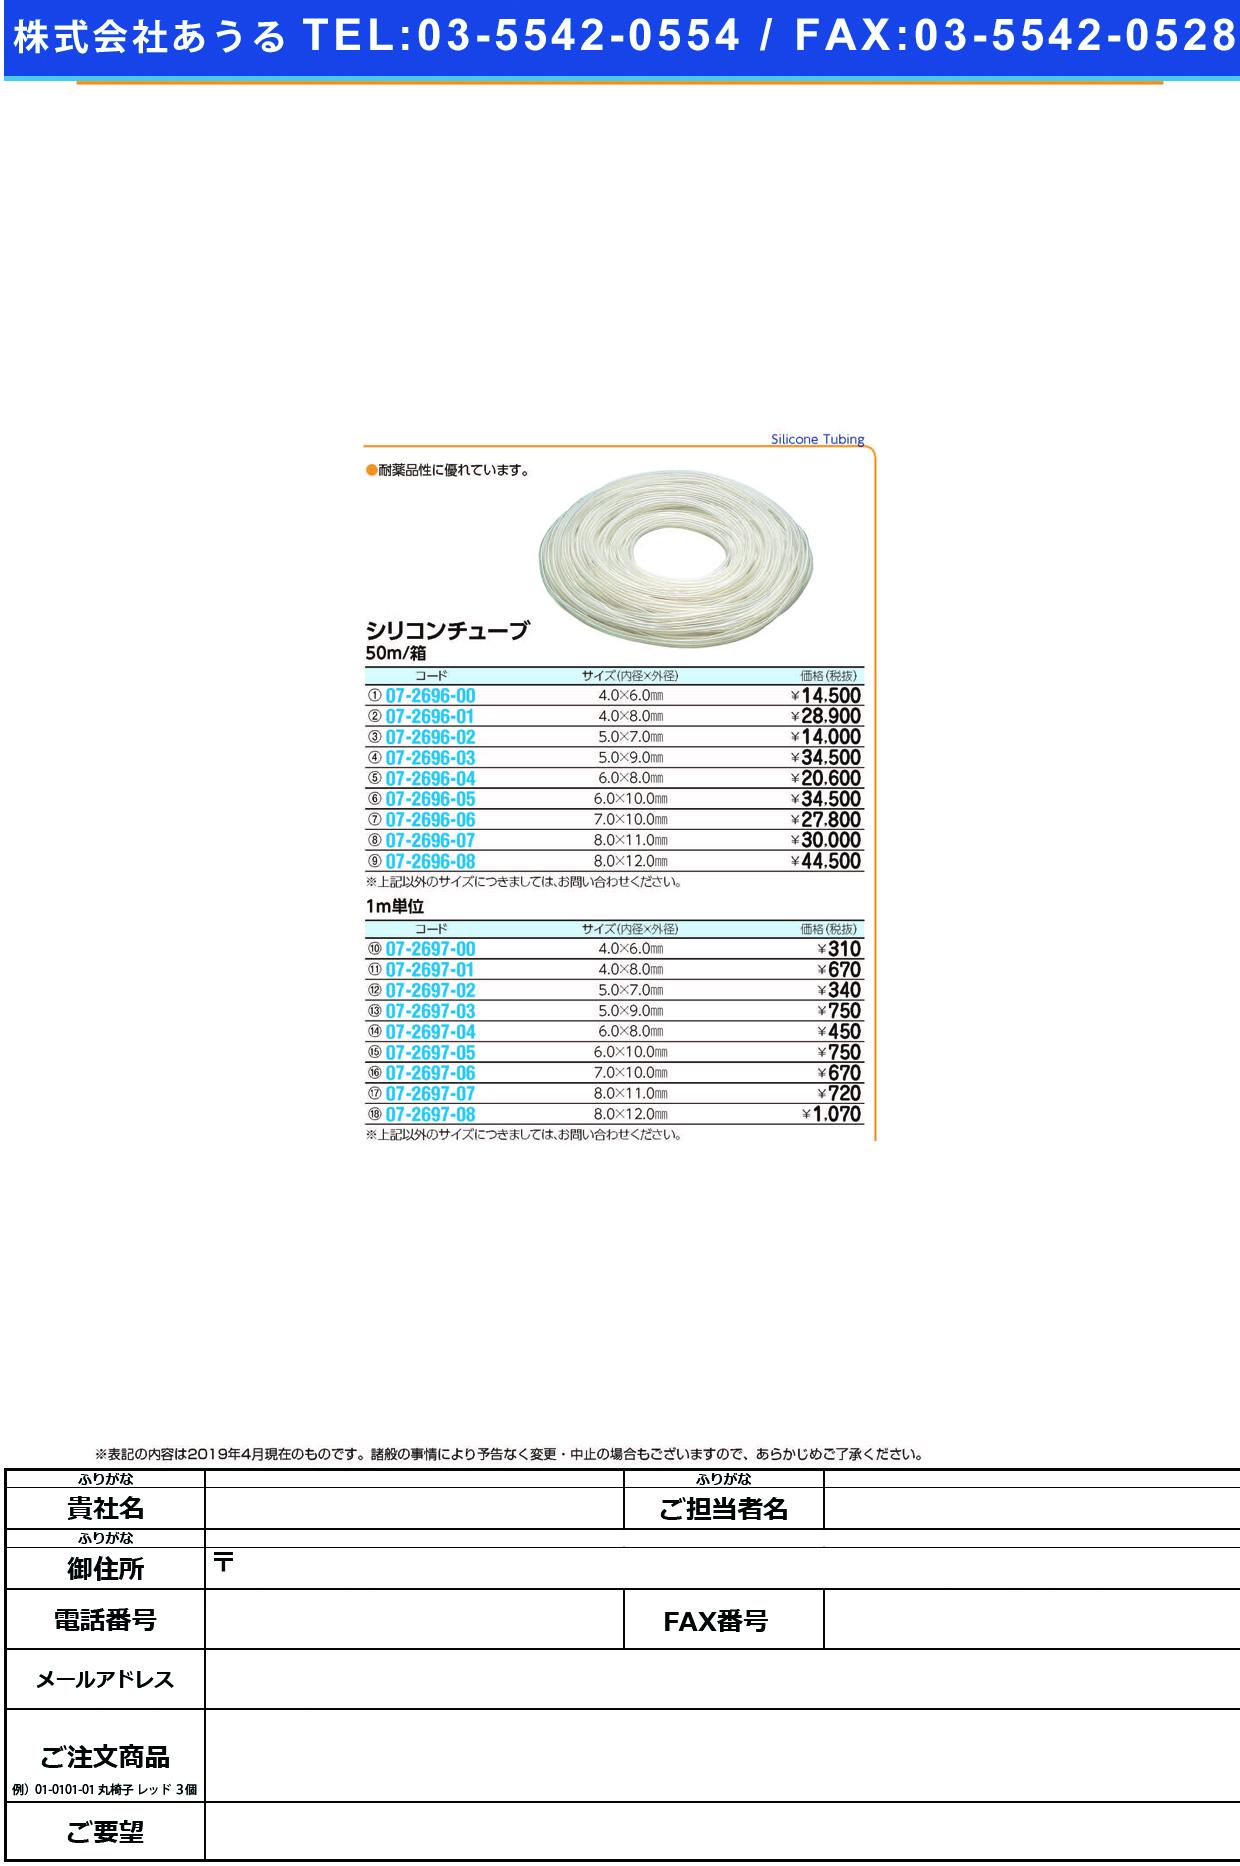 (07-2696-07)シリコンチューブ 8X11MM(50Mイリ) シリコンチューブ【1巻単位】【2019年カタログ商品】